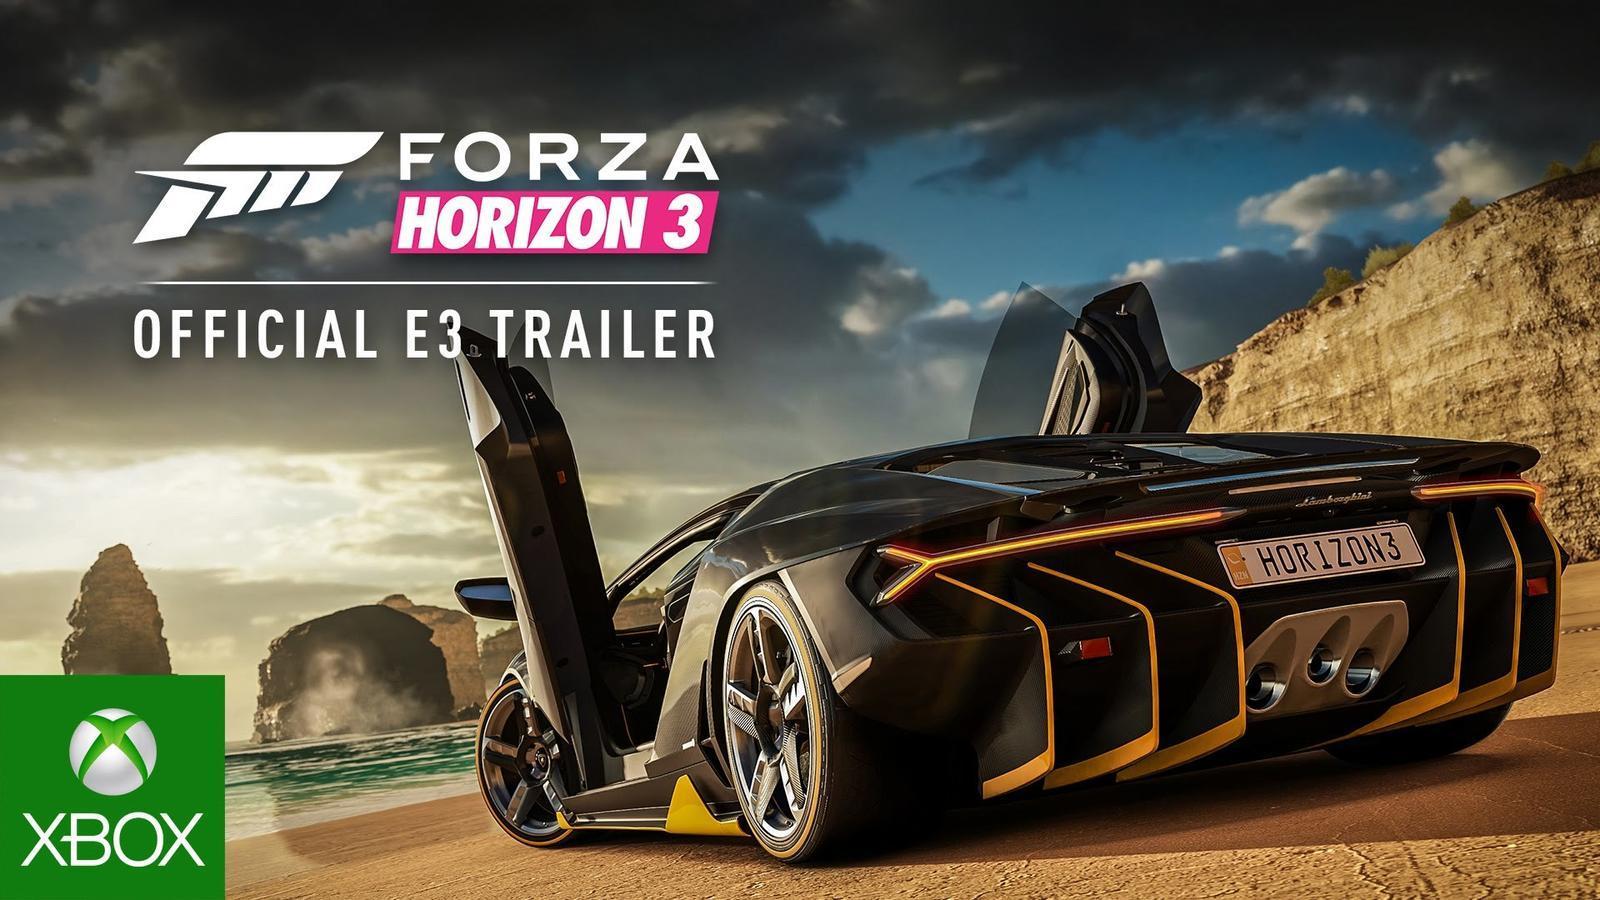 'Forza Horizon 3'